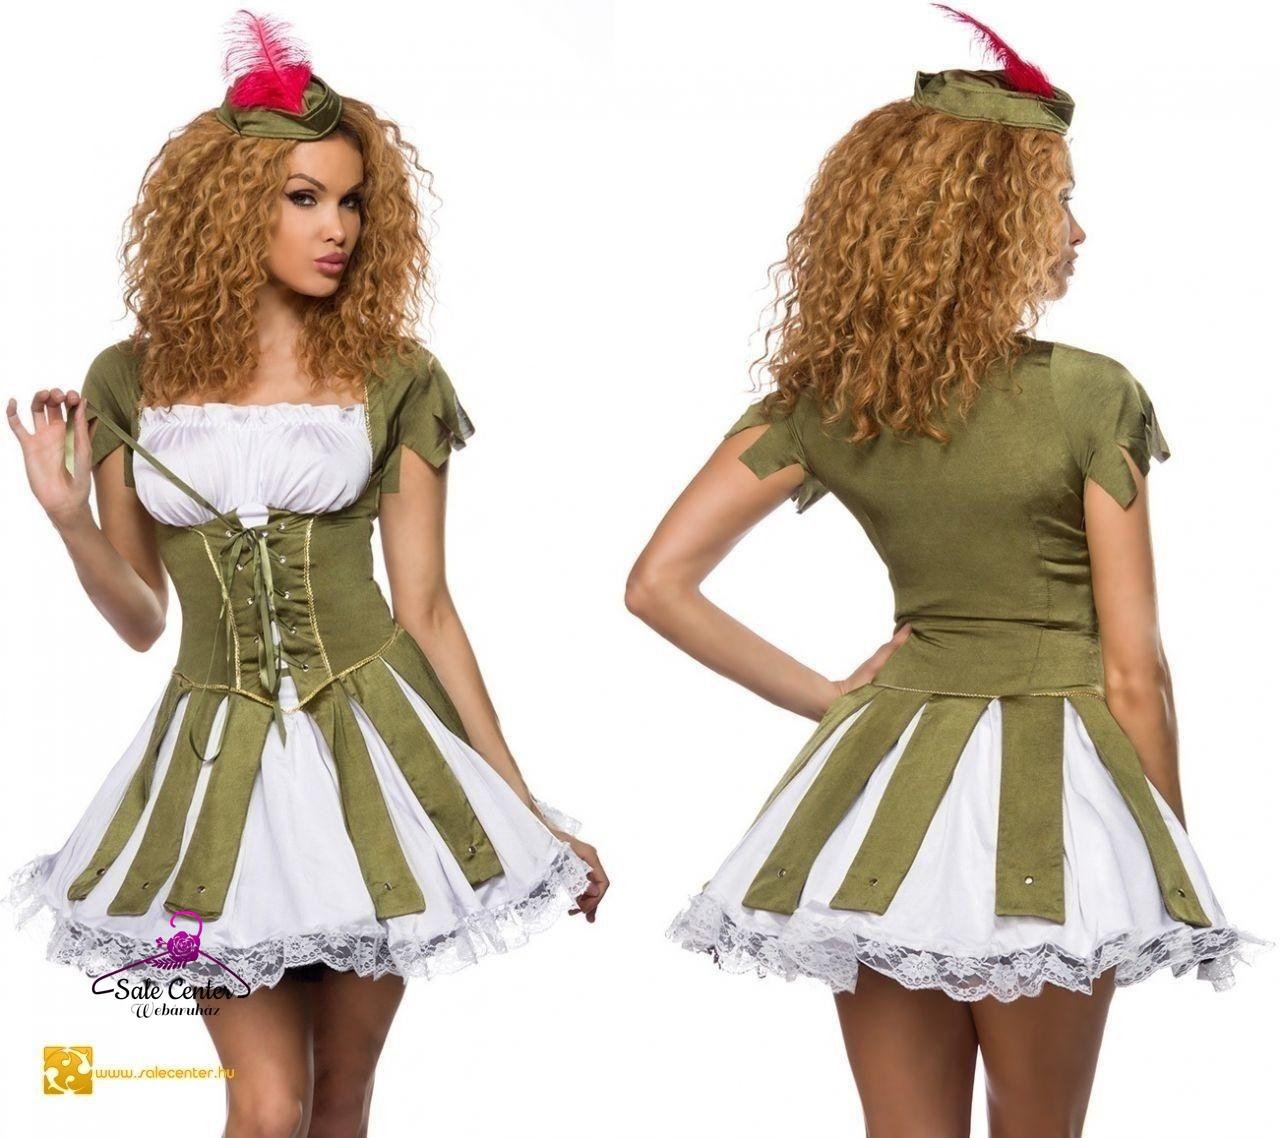 d5cccbf500 Dögös Robin Hood jelmez női felnőtz szexi dögös farsang halloween ...